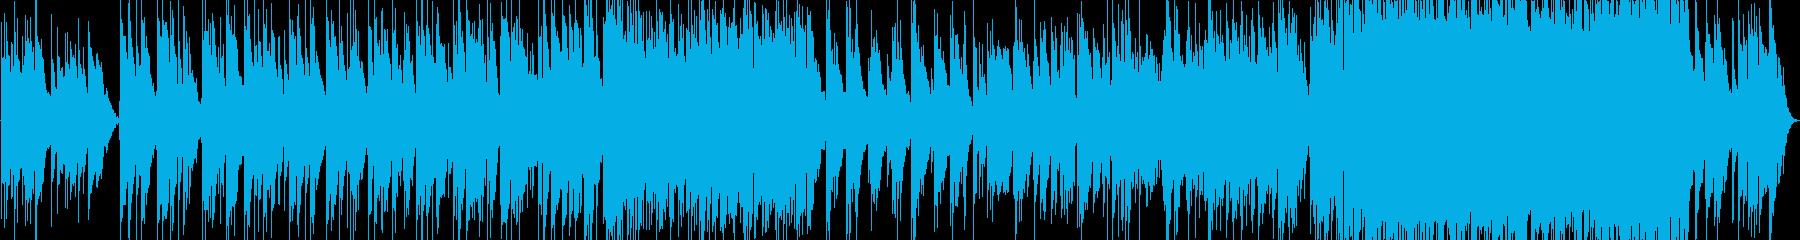 悲しく切ないアコギバラードの再生済みの波形